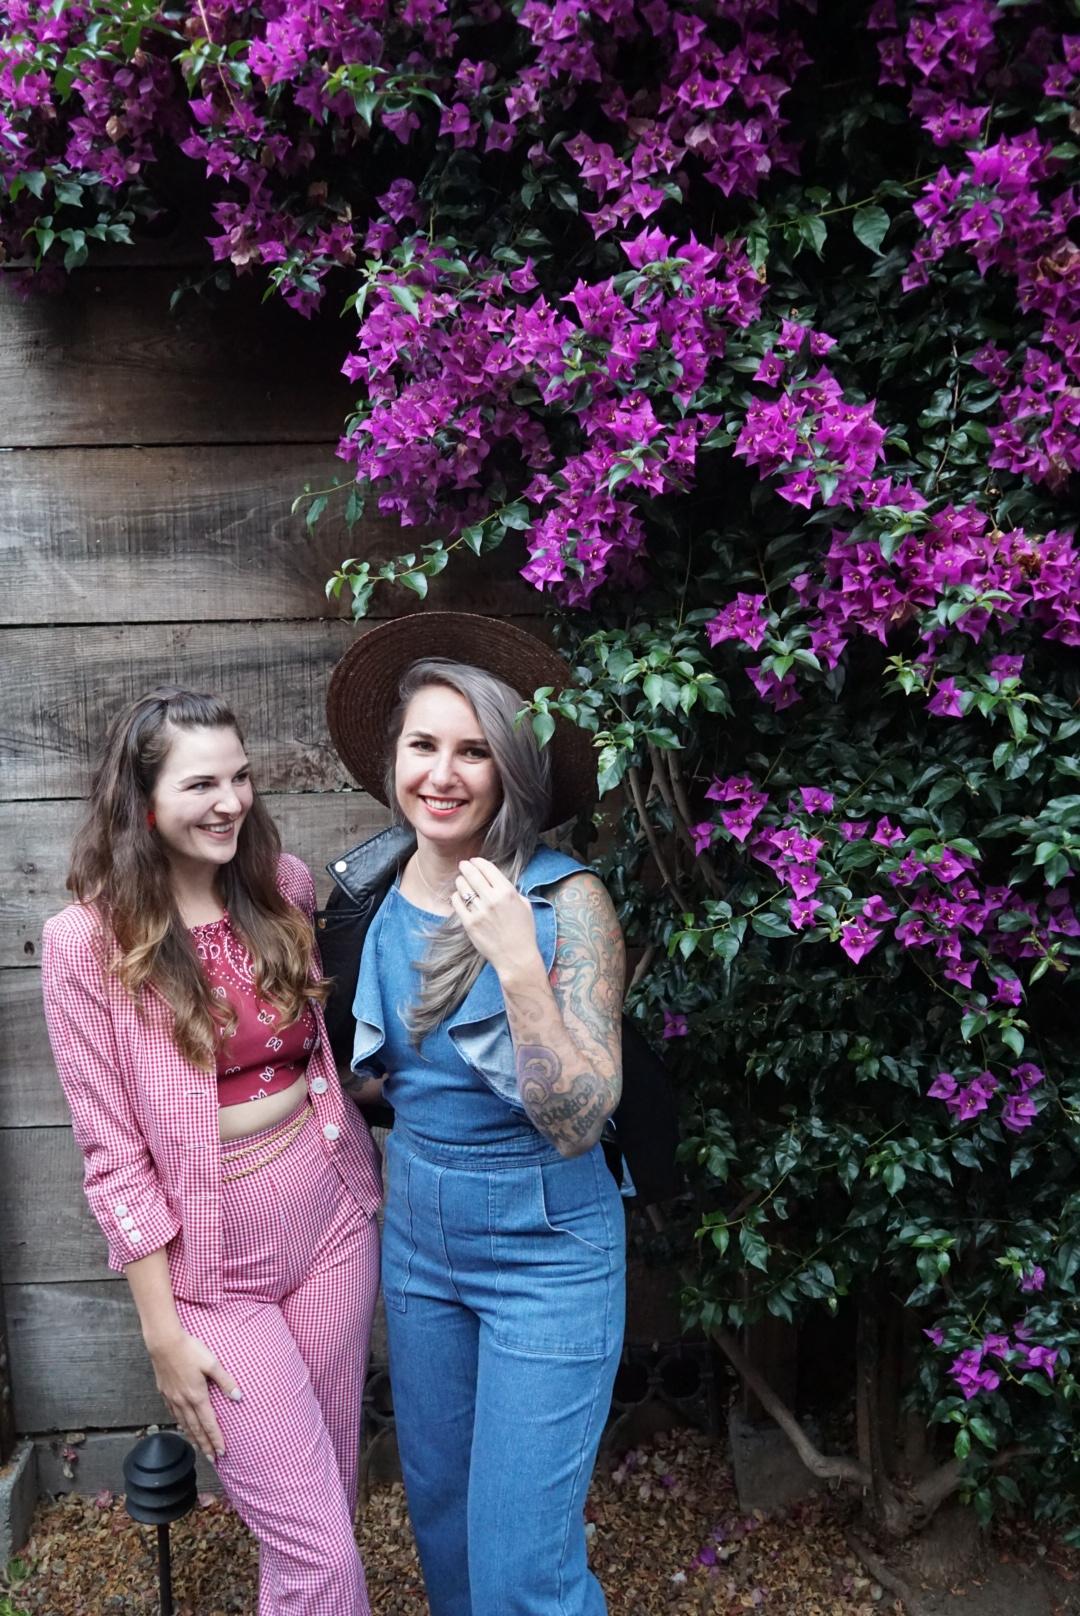 SF Style Bloggers Que Sera Sahra and Julia O Test